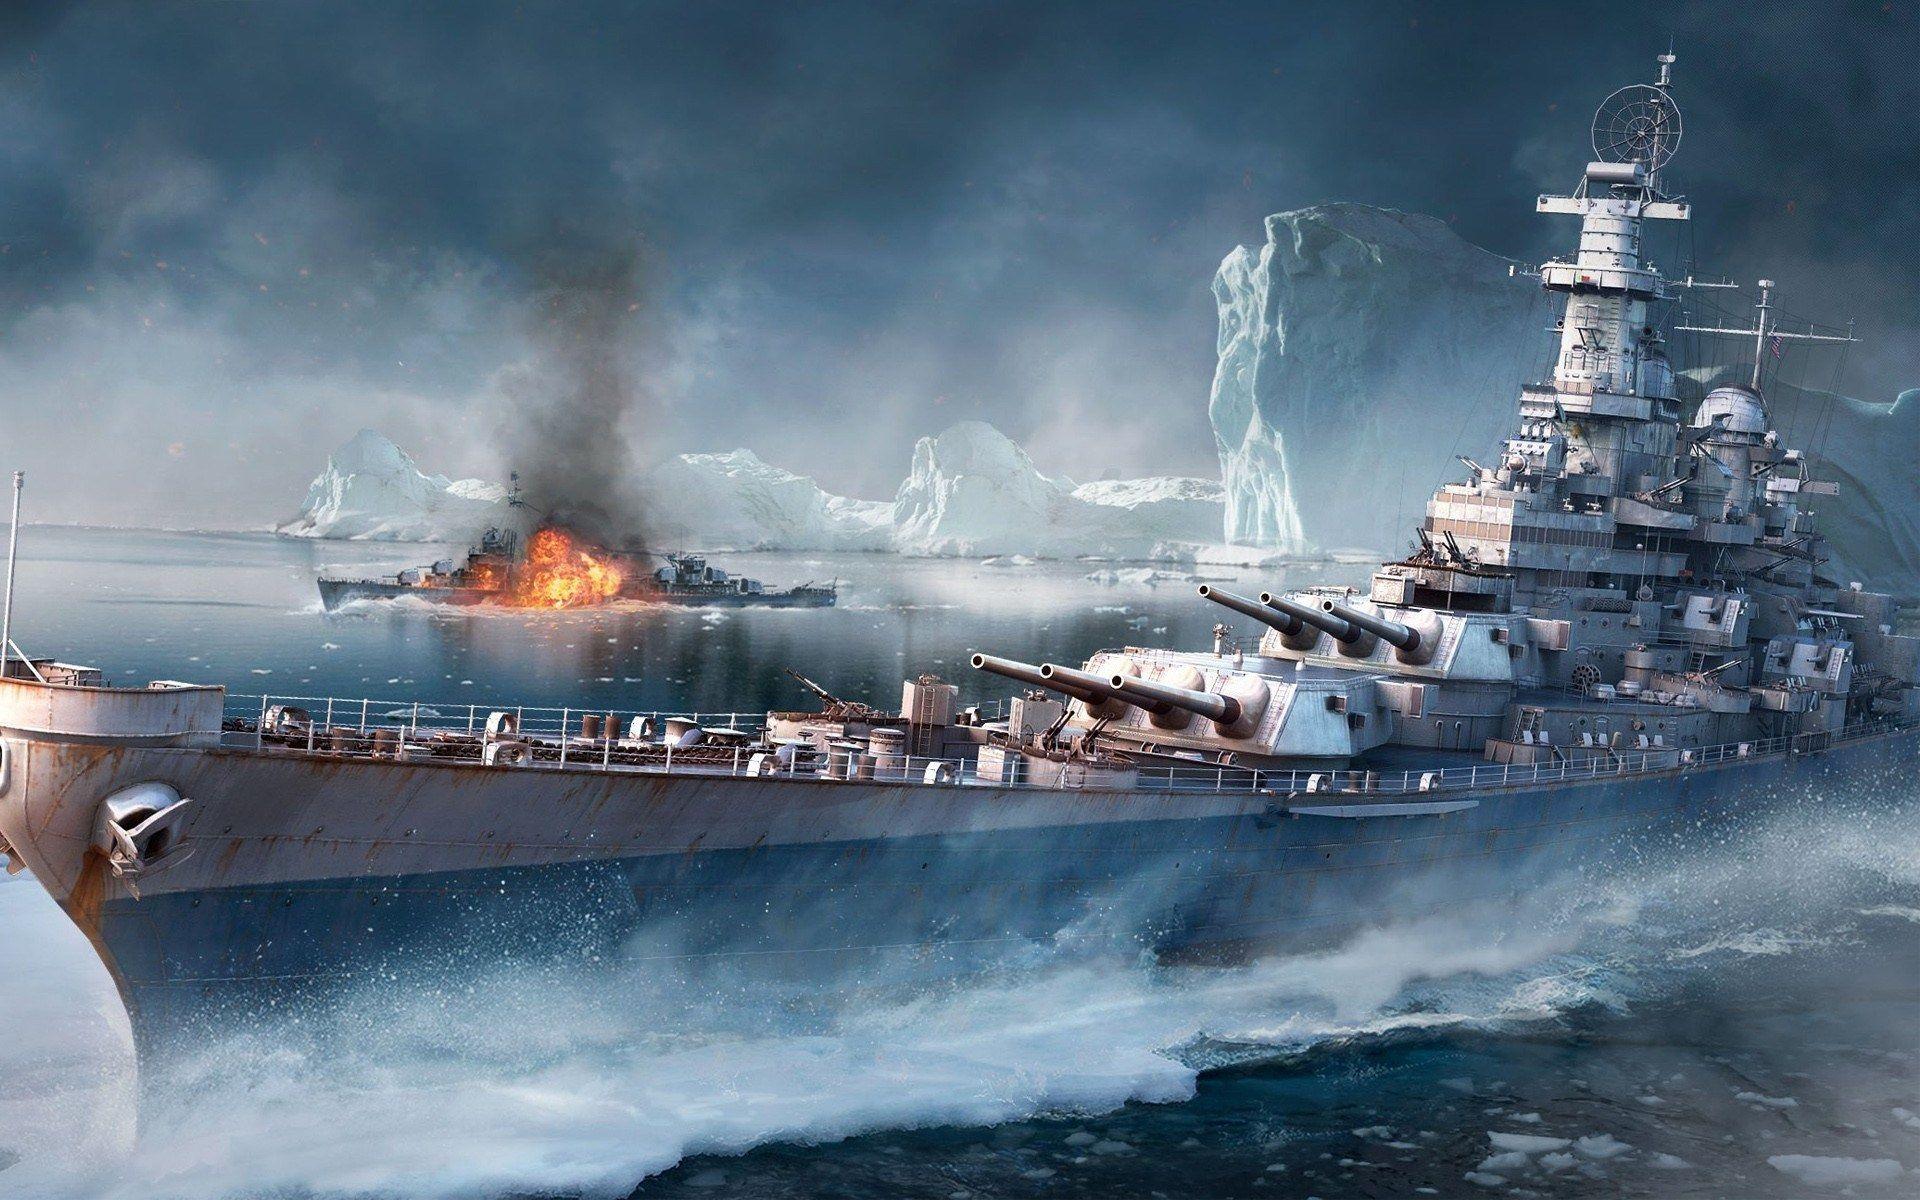 1920x1200 World Of Warships Ultra Hd Desktop Wallpaper World Of Warships Wallpaper Battleship Warship